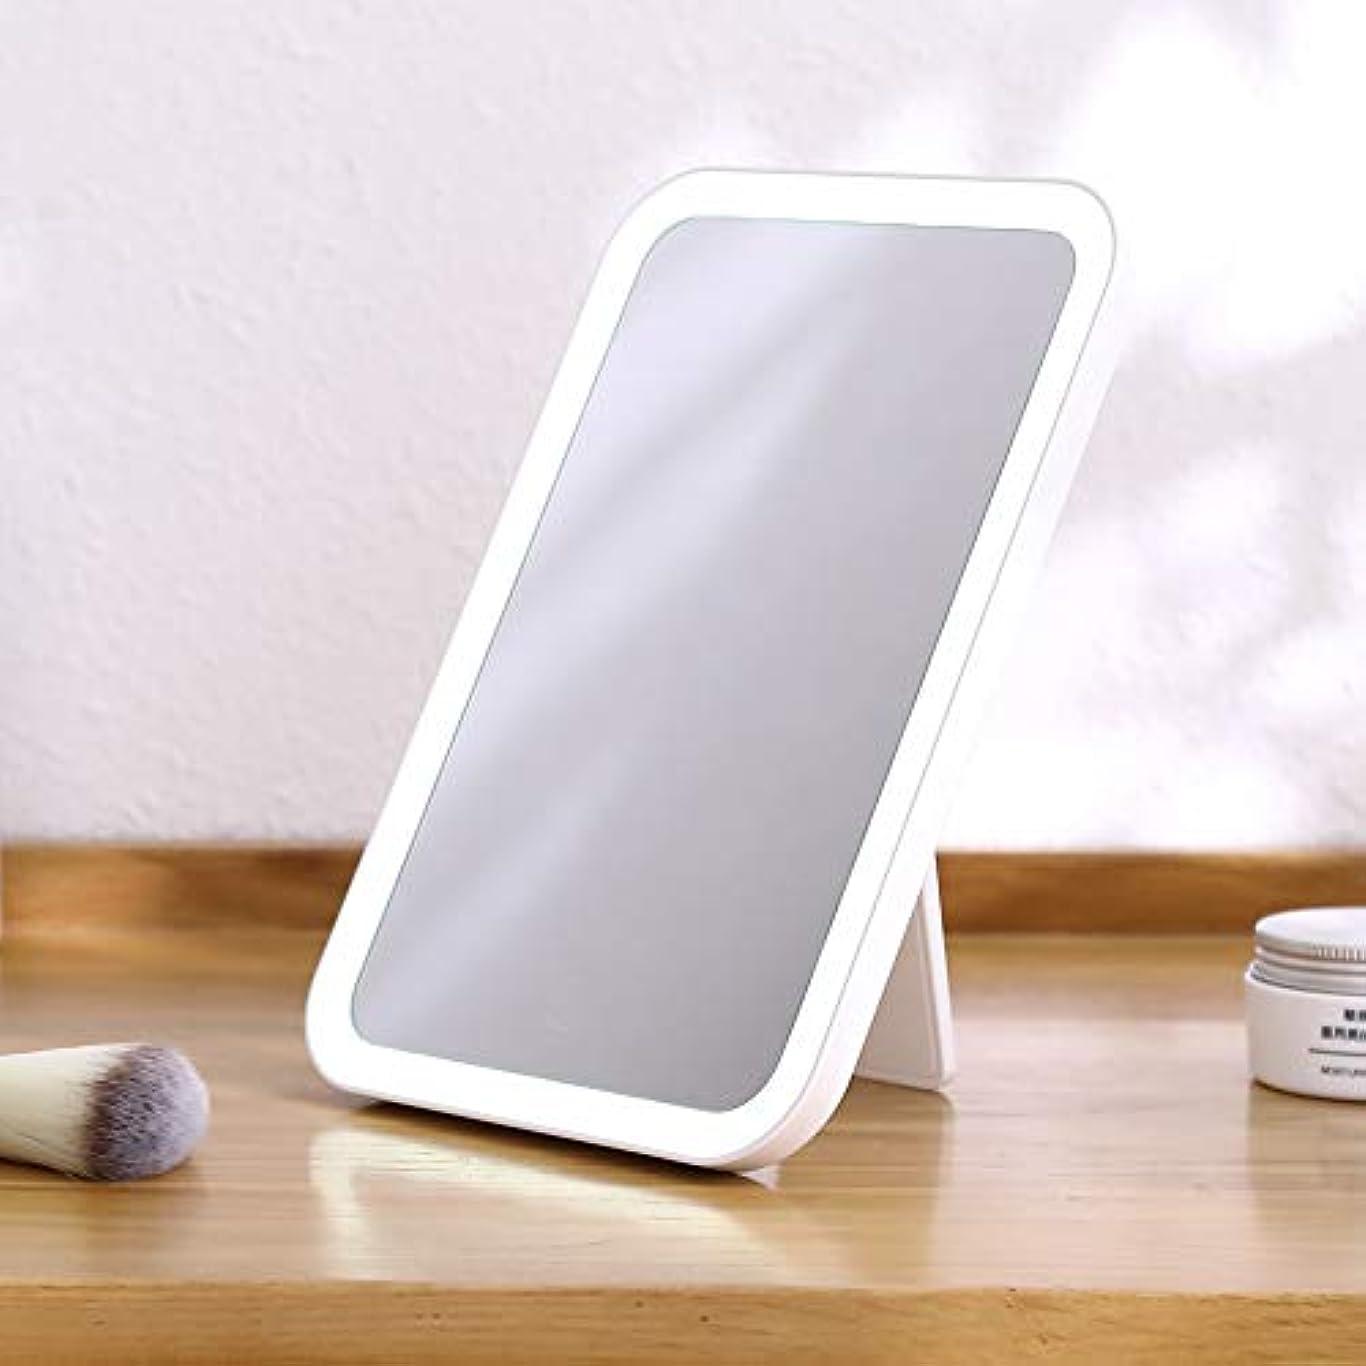 ぼかし男性召集するBEZOX LED化粧鏡 化粧ミラー 鏡 USB充電式 LEDミラー かがみ 14mm 超薄型 卓上ミラー 旅行用